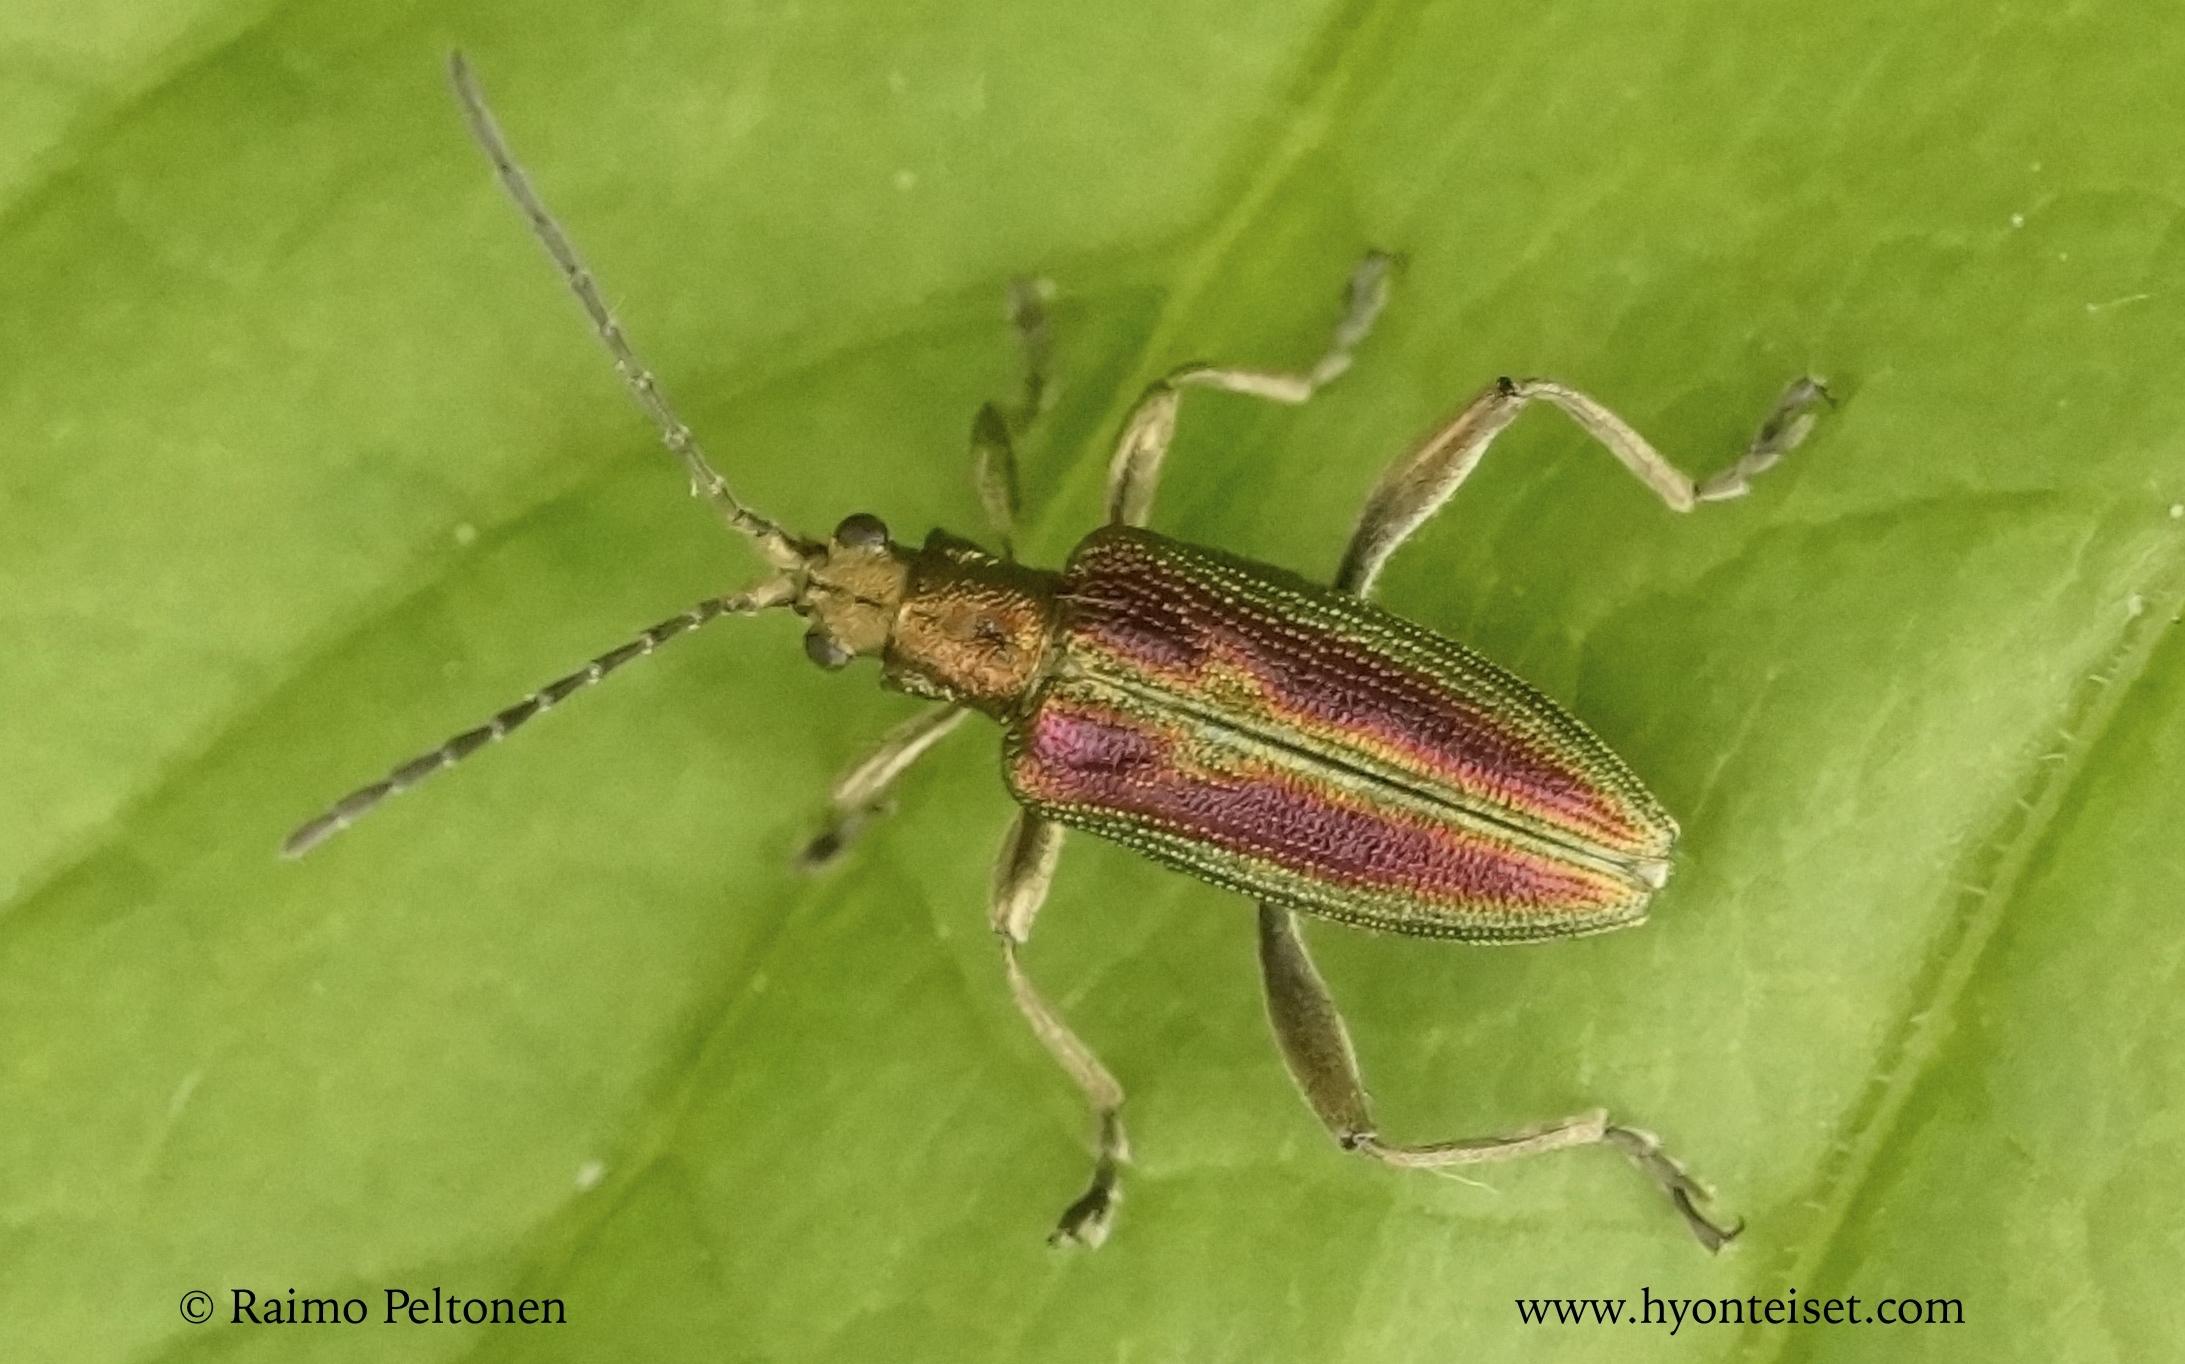 Donacia aquatica-välkekuoriainen